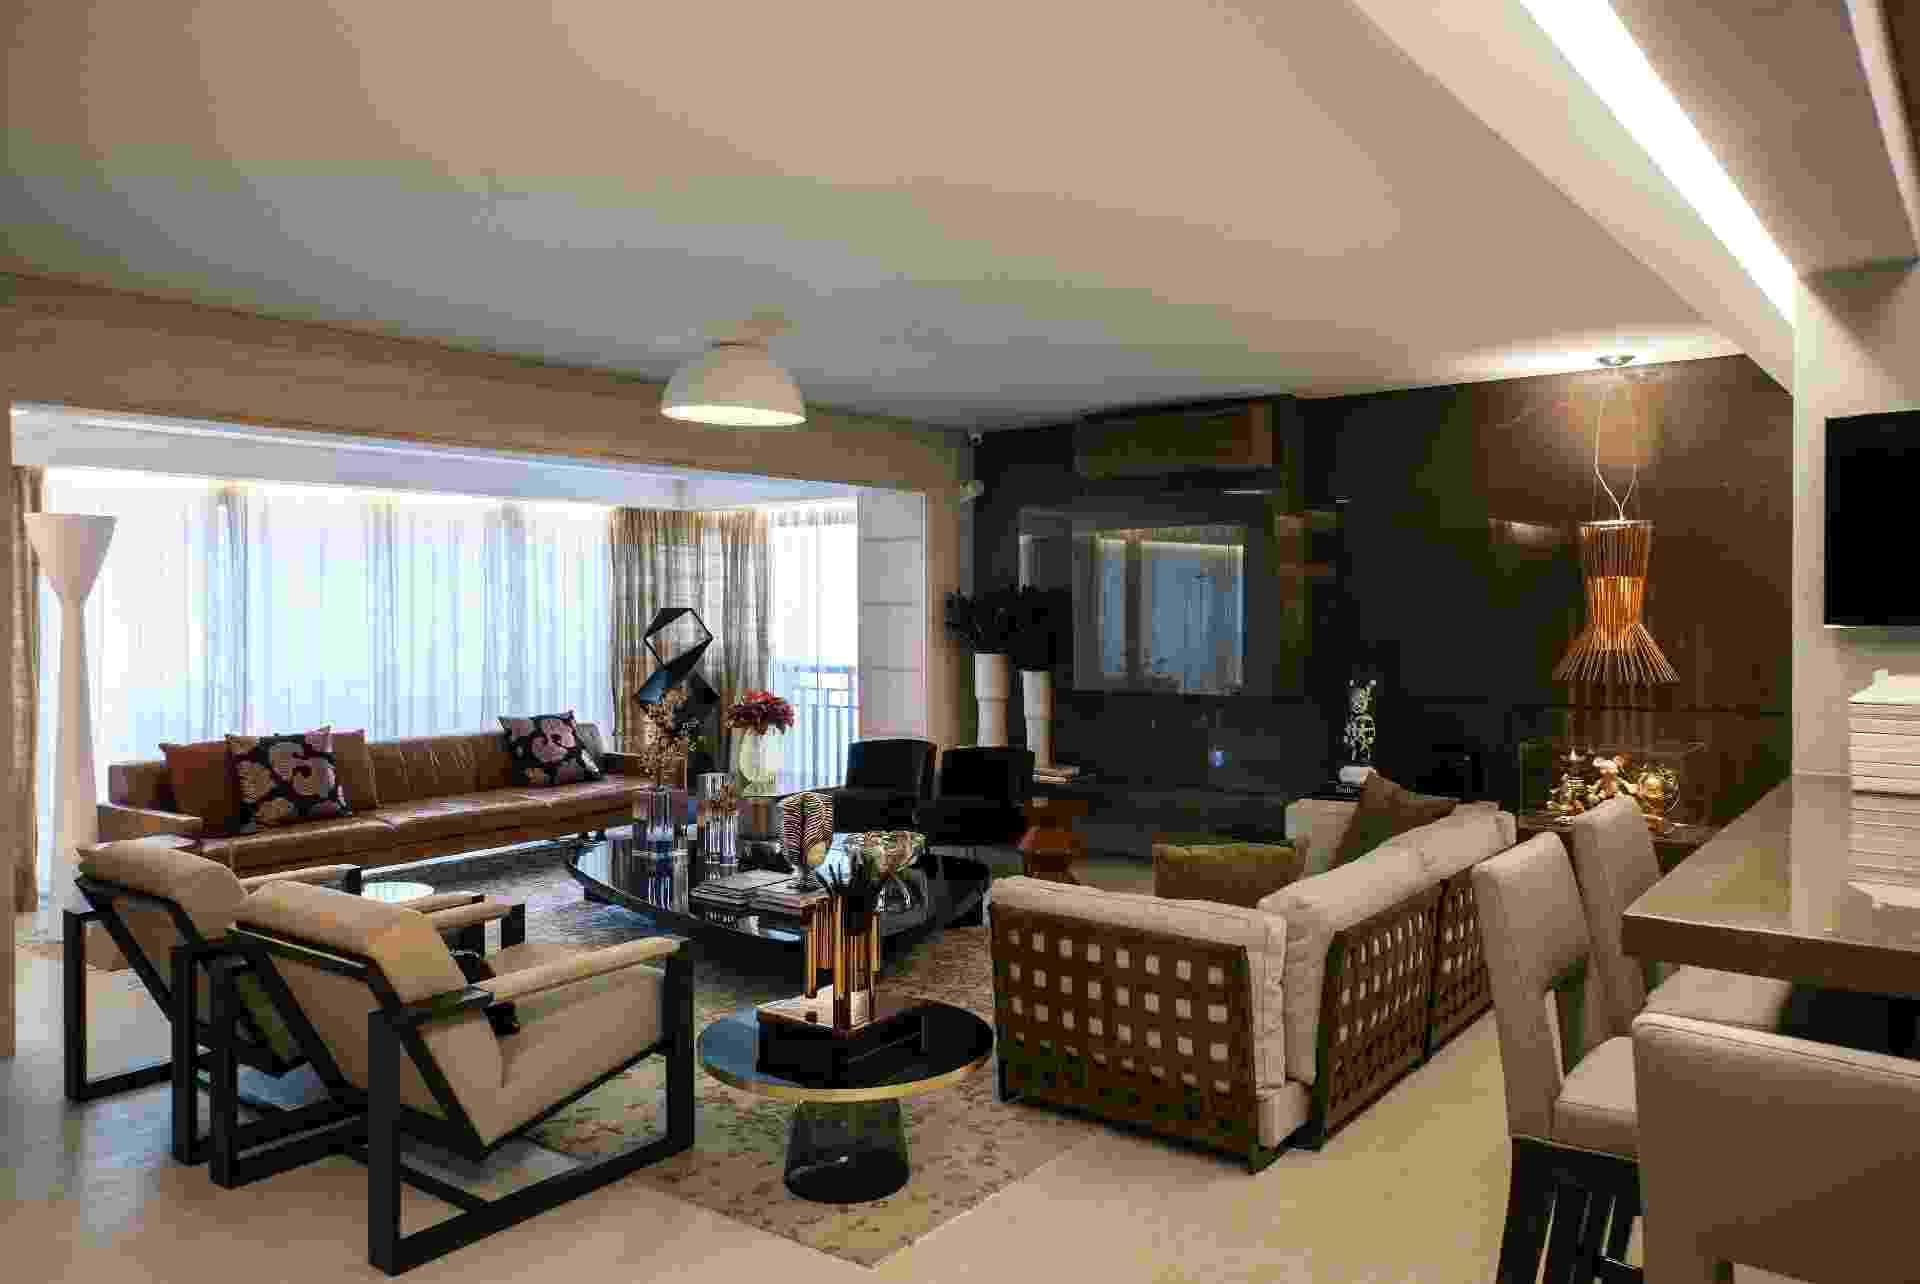 """Para seguir a decoração sóbria e elegante desta sala de estar, a arquiteta Denise Barretto """"envelopou"""" o ar-condicionado de camurça escura, para que o aparelho ficasse oculto sobre a parede revestida de mármore - Rômulo Fialdini/Divulgação"""